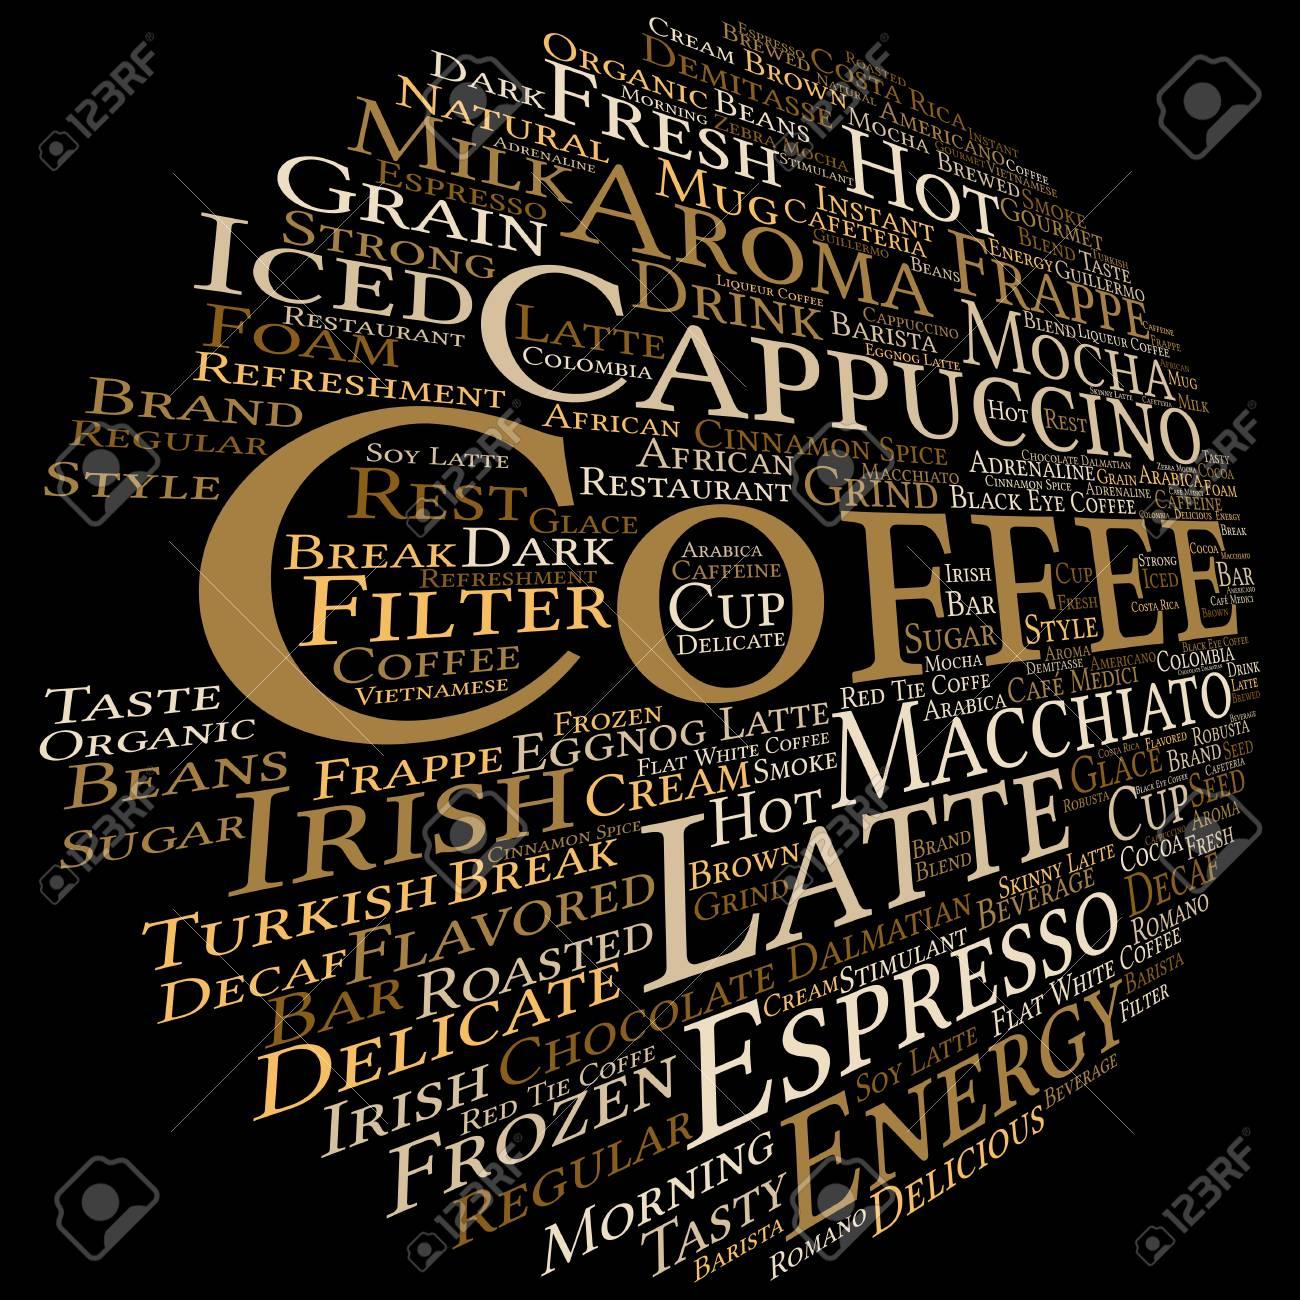 Konzept Konzeptionell Kreative Heißen Kaffee, Cappuccino Oder ...